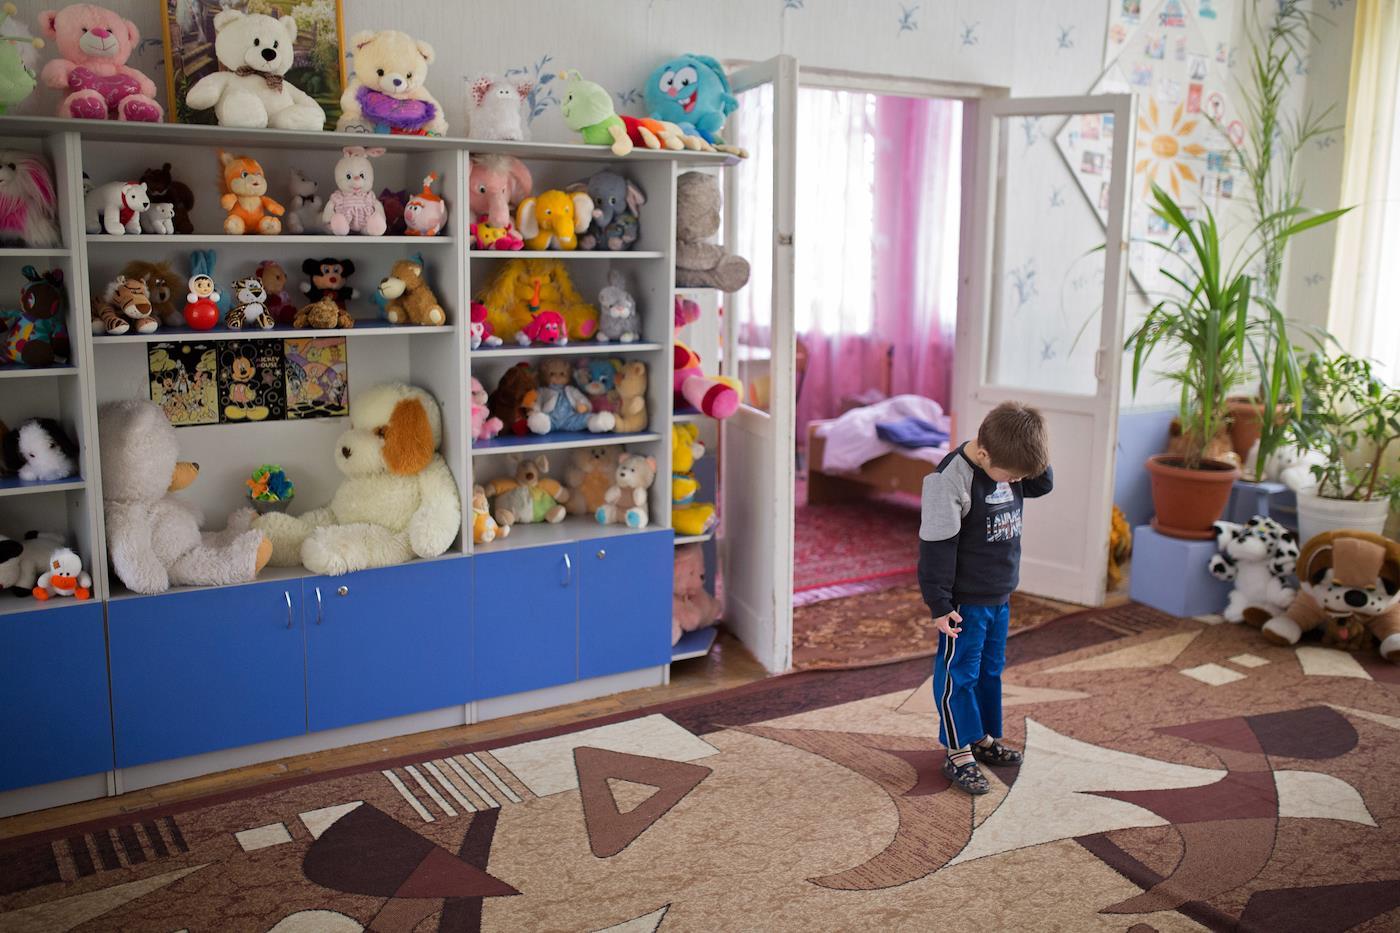 автор фотоВадим Брайдов/«Коммерсантъ»